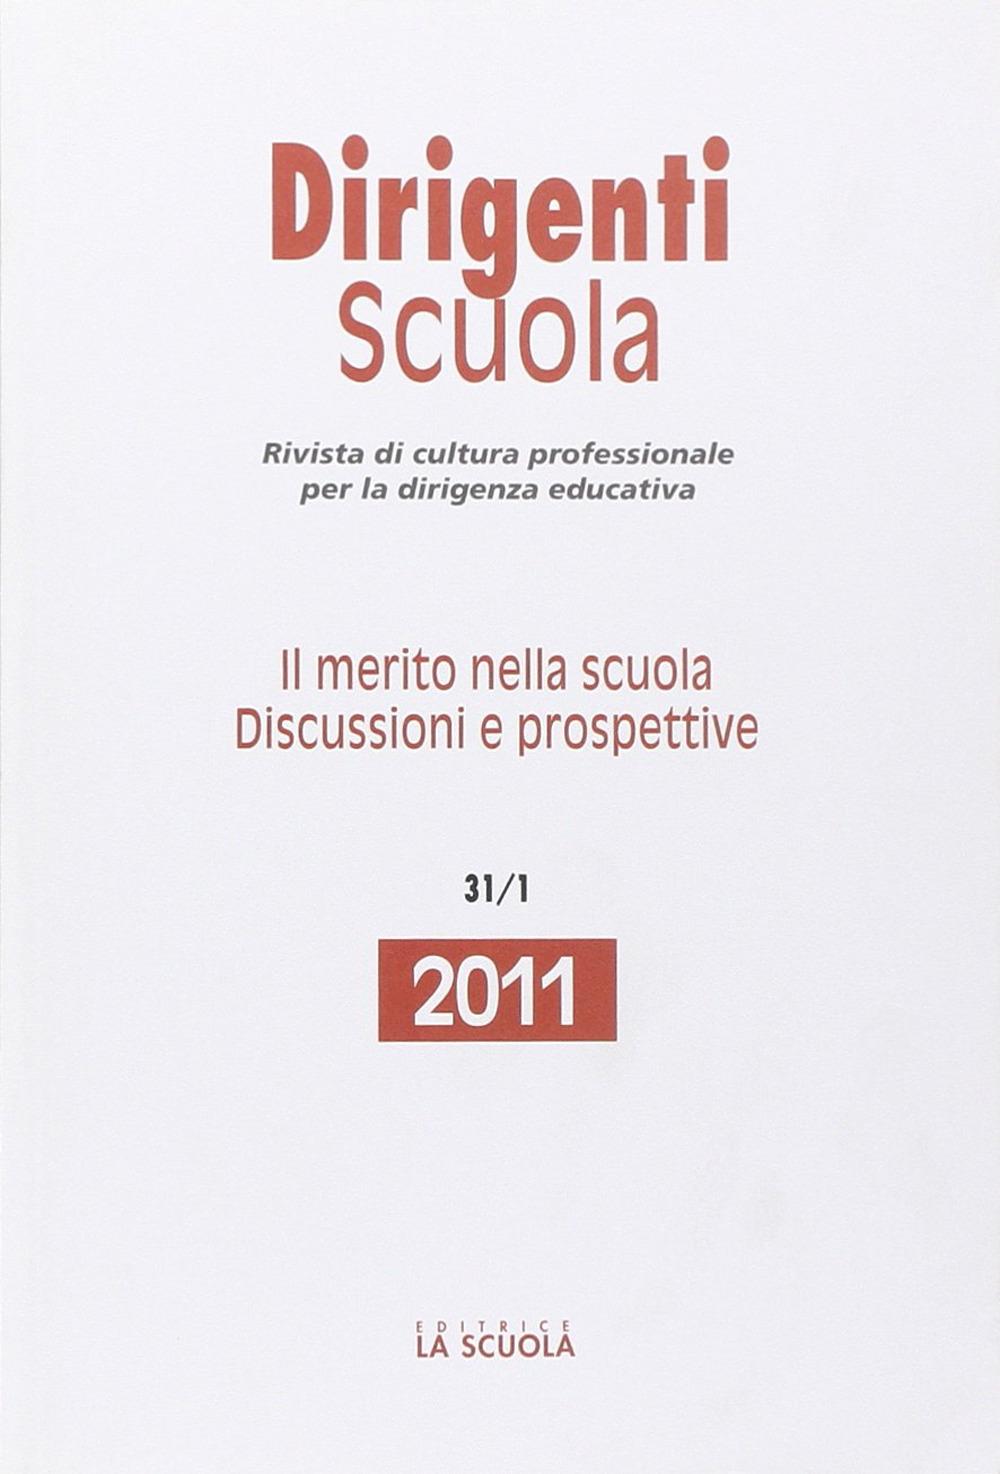 Image of Dirigenti scuola. Annunario 2011. Il merito nella scuola. Discussioni e prospettive